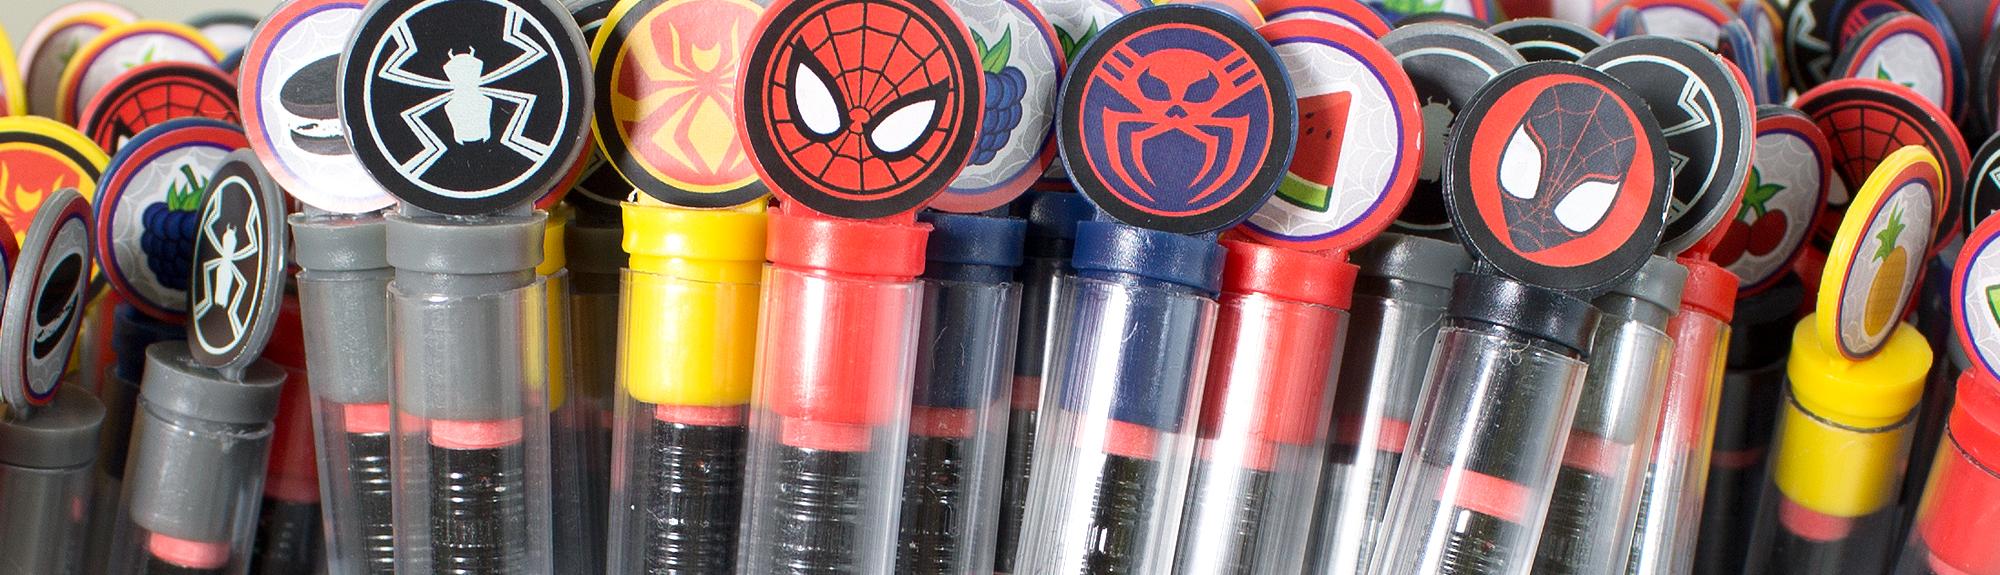 Marvel Spider-Man: Smencils header